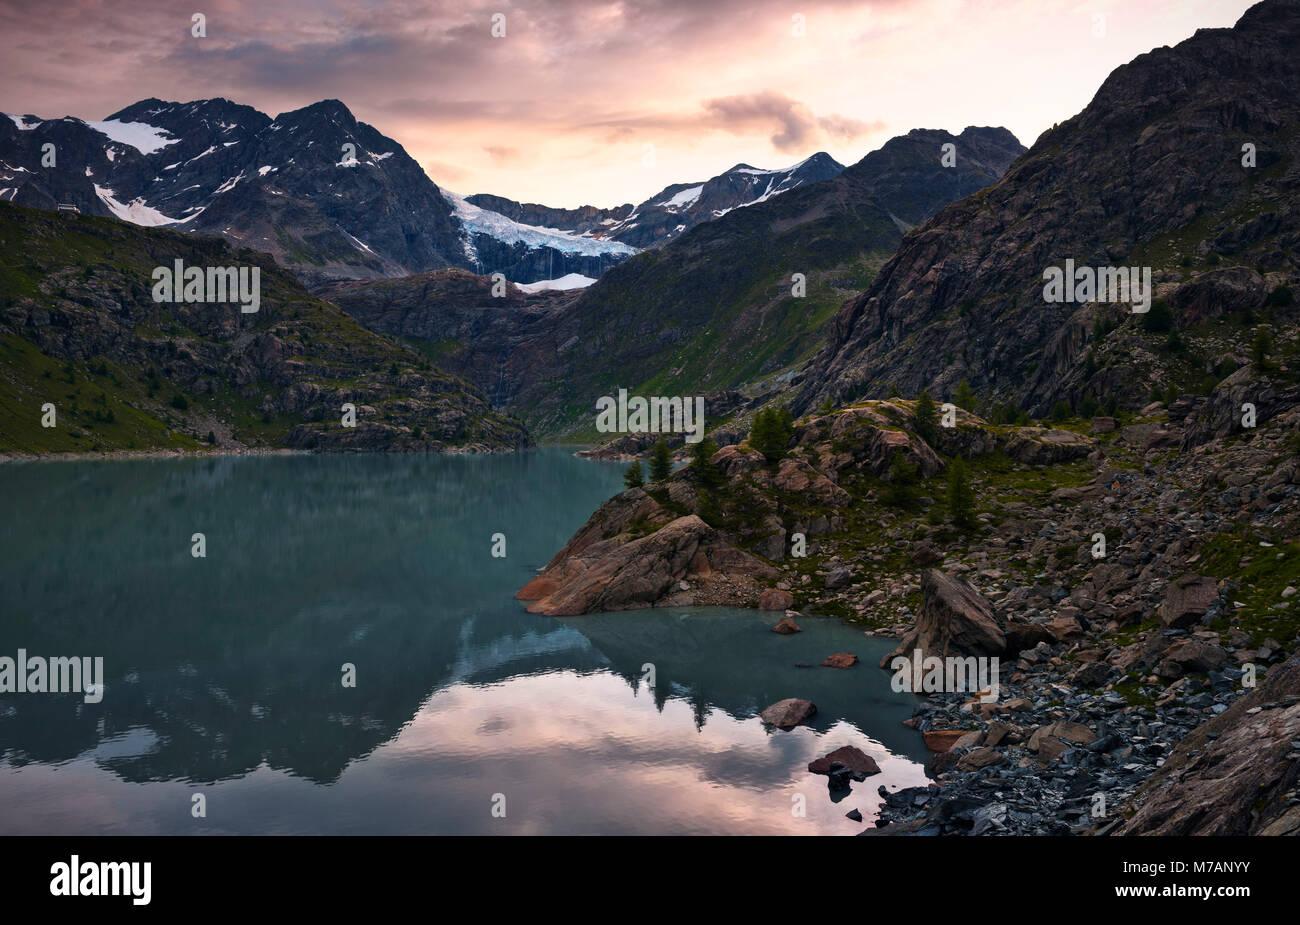 Bacino di Alpe Gera with Sasso Rosso and Fellaria glacier in Val Malenco, Bernina group, Sondrio, Lombardy, Italy - Stock Image